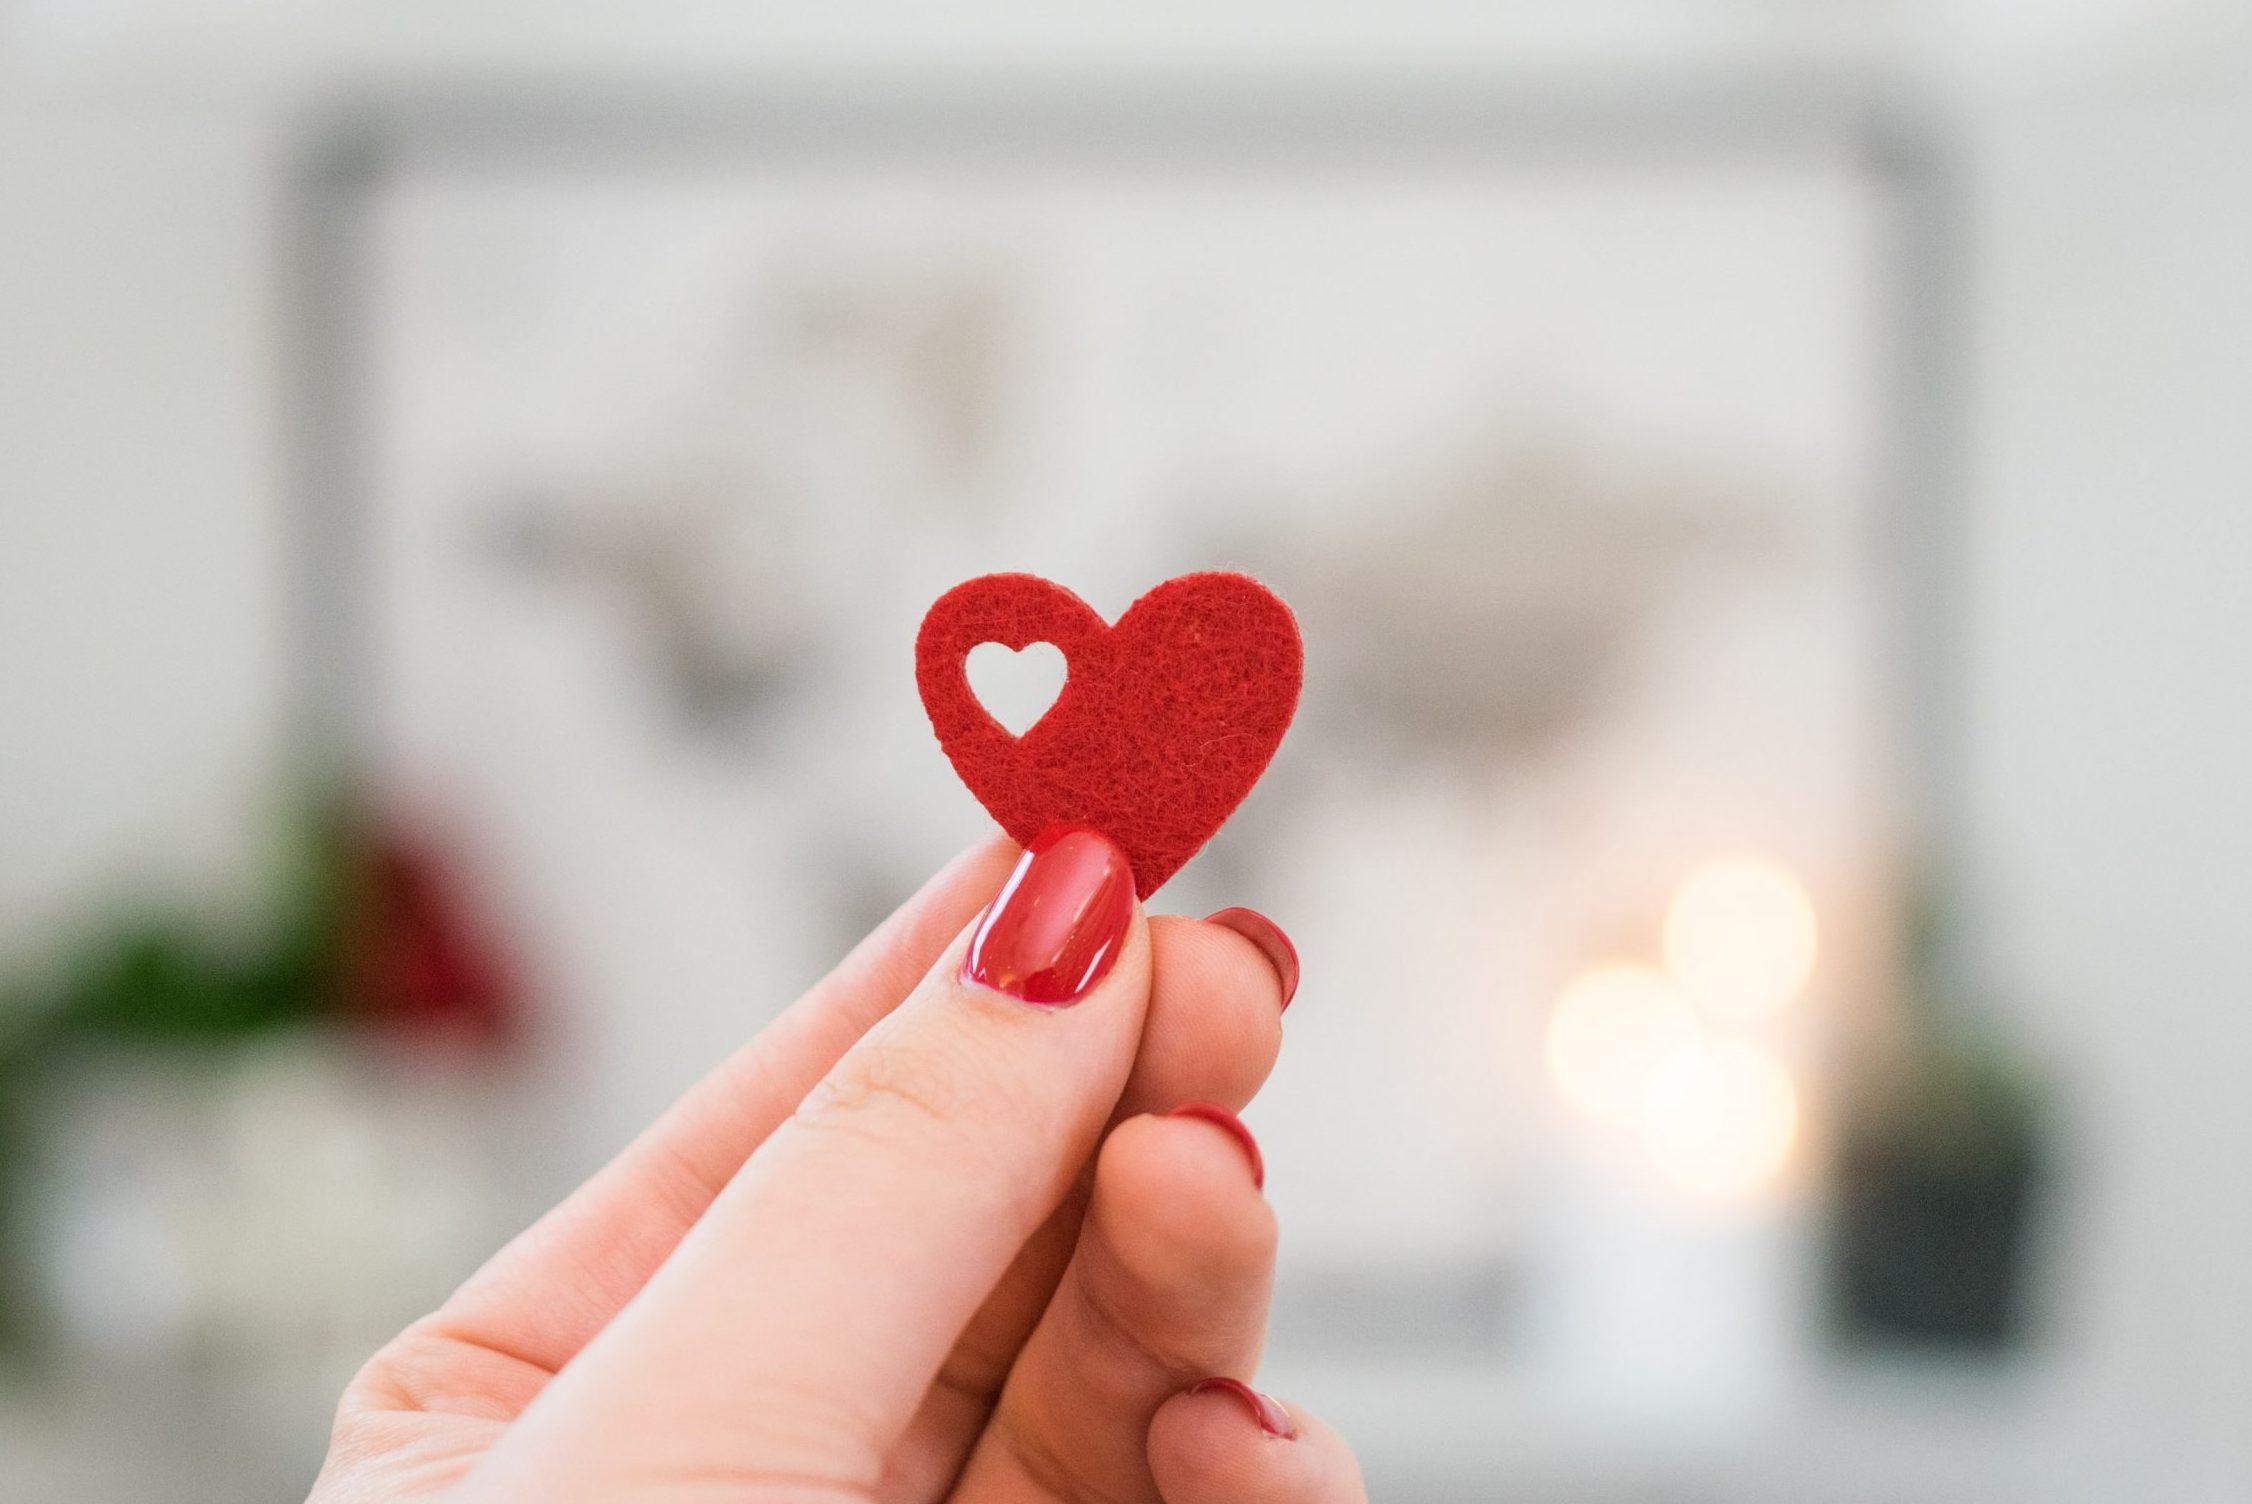 【2021年下半期の運勢】|あなたの恋と結婚は?「木下レオンが占う」運命の人と出会いのきっかけ